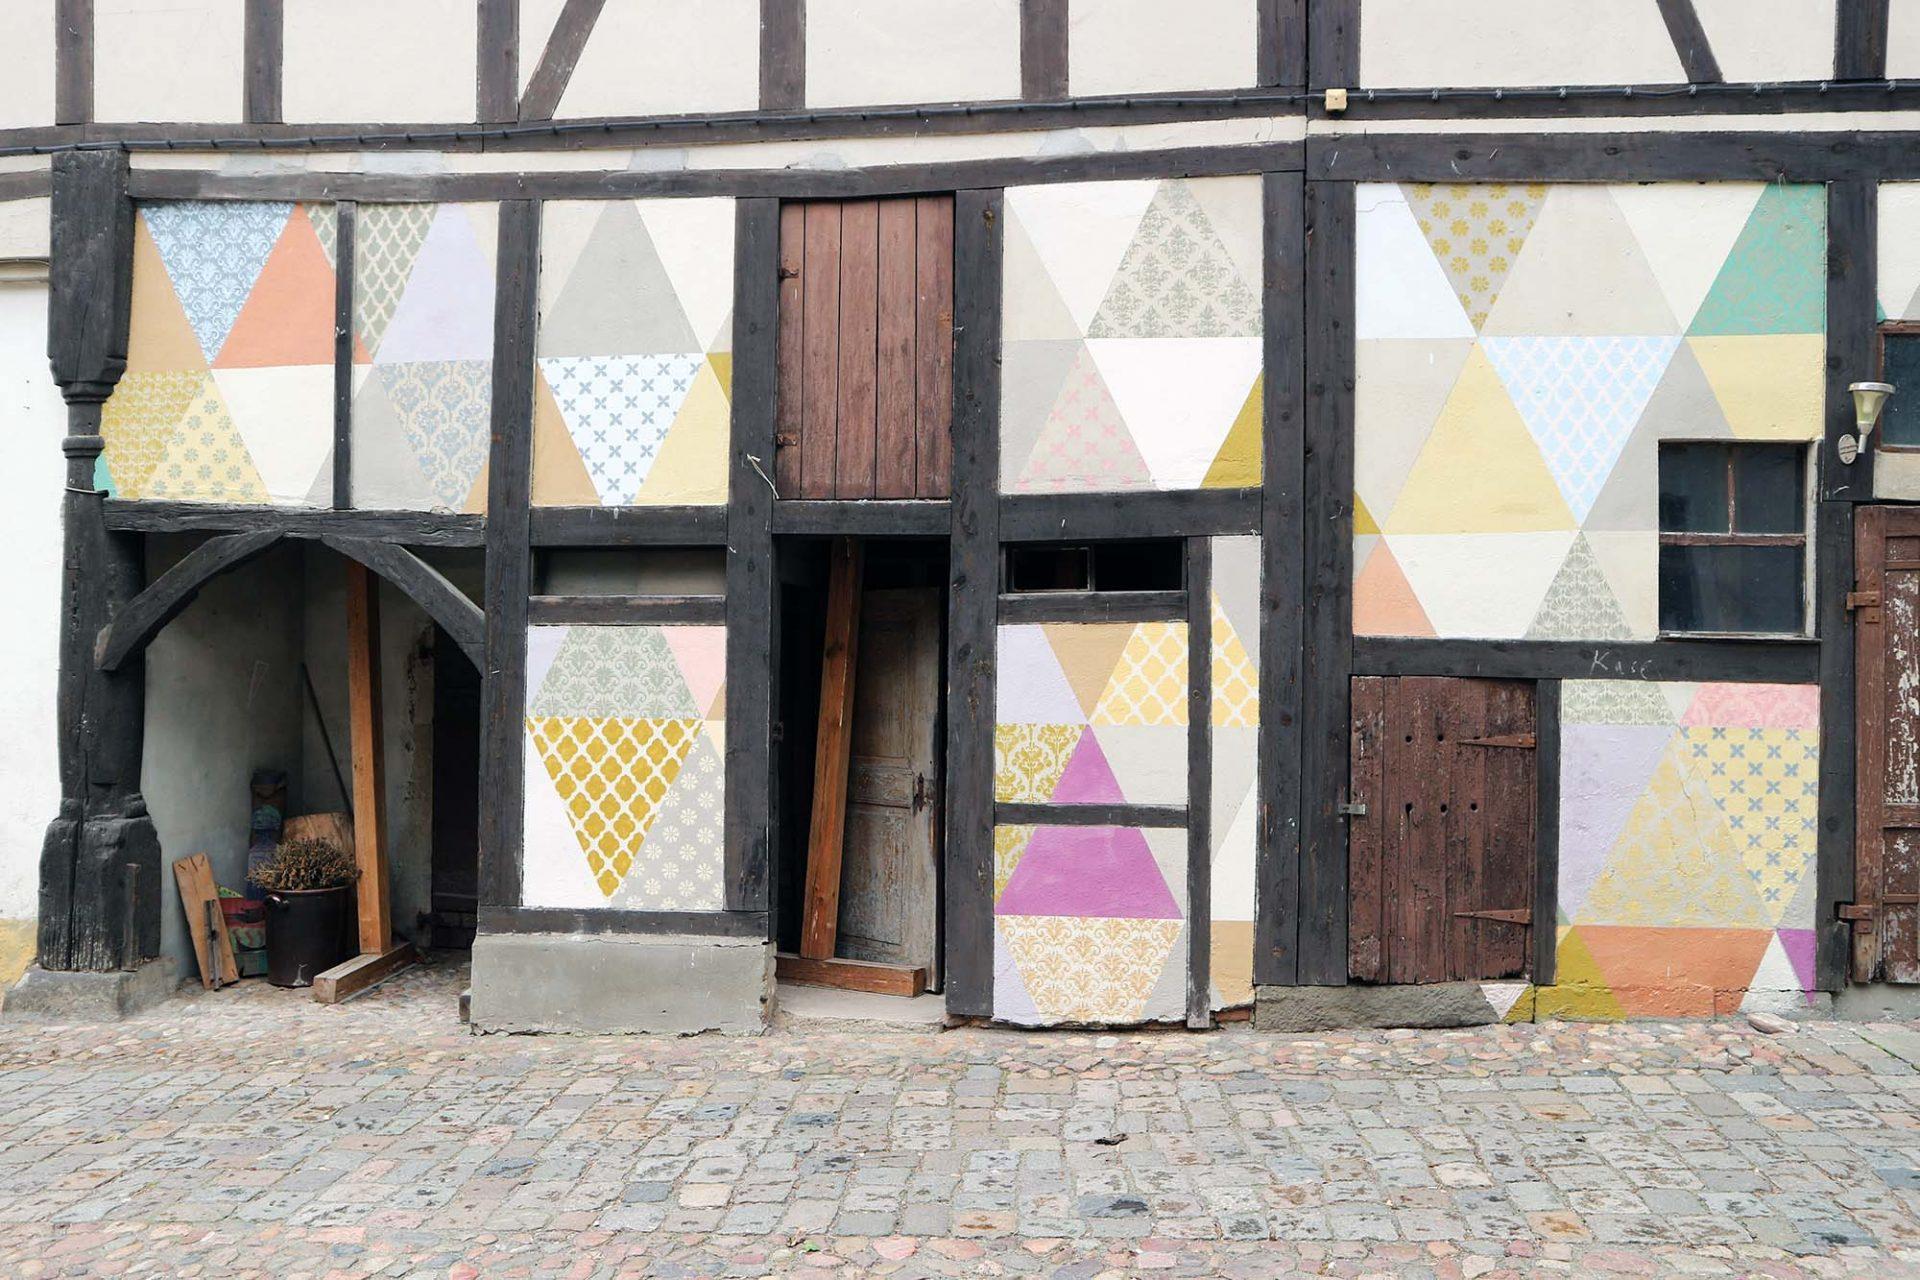 """Cranach-Höfe. Heute befinden sich hier die Dauerausstellung """"Cranachs Welt"""", eine Malschule und das Hotel """"Cranach-Herberge Wittenberg"""". Die Übernachtungsgäste unterstützen die Arbeit der Cranach-Stiftung und somit die Förderung junger Künstlerinnen und Künstler."""